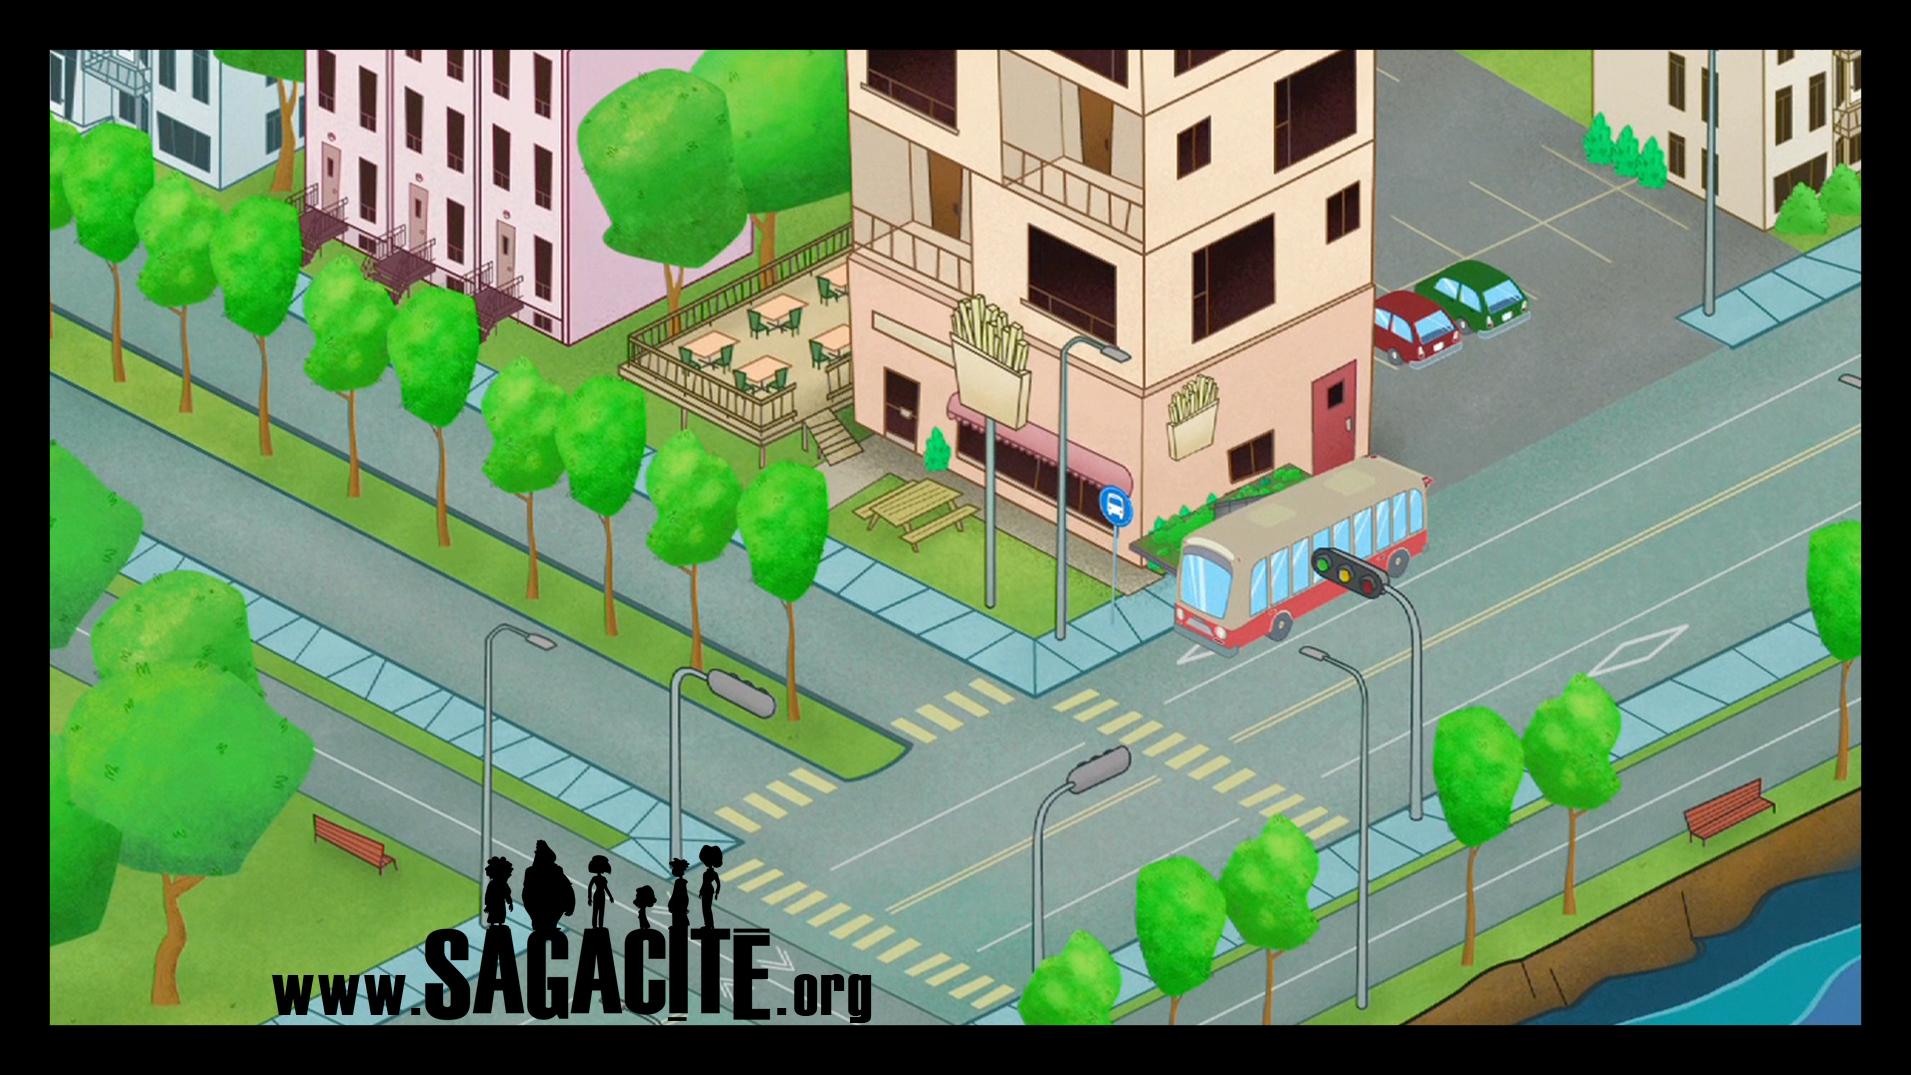 Saga cité